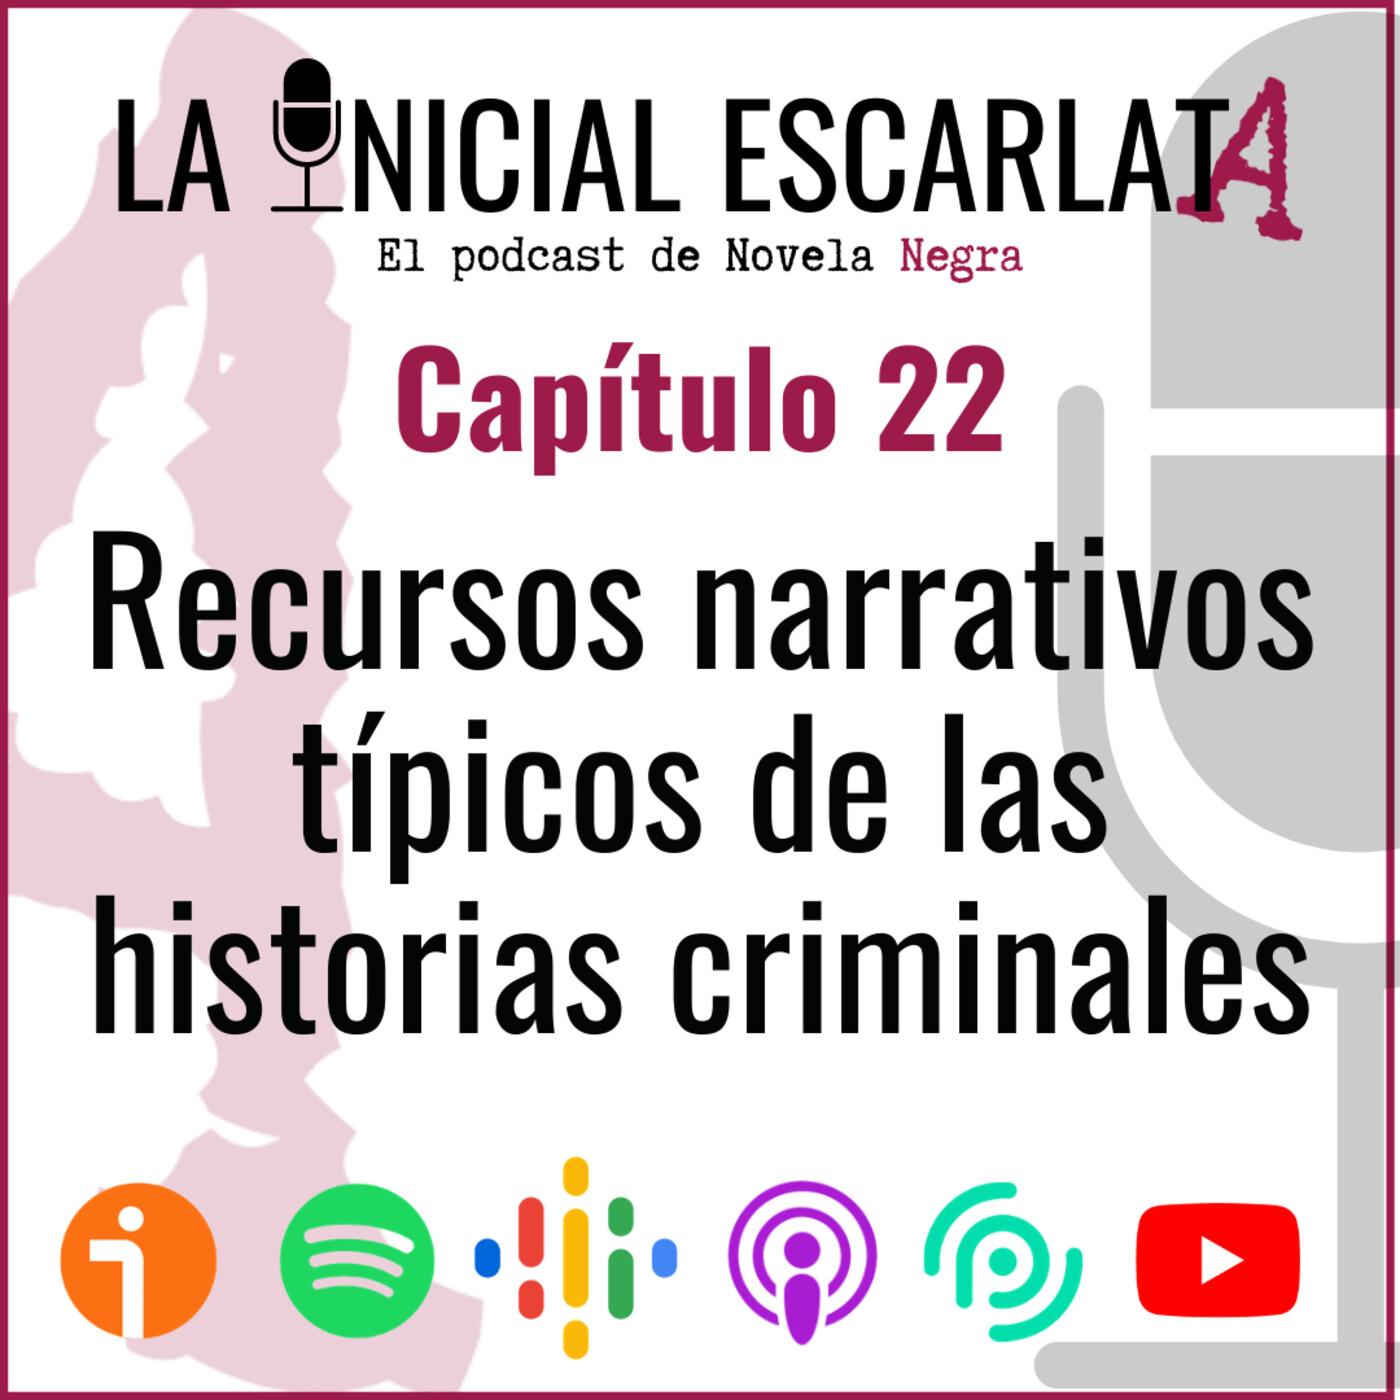 Capítulo 22: Recursos narrativos típicos de las historias criminales